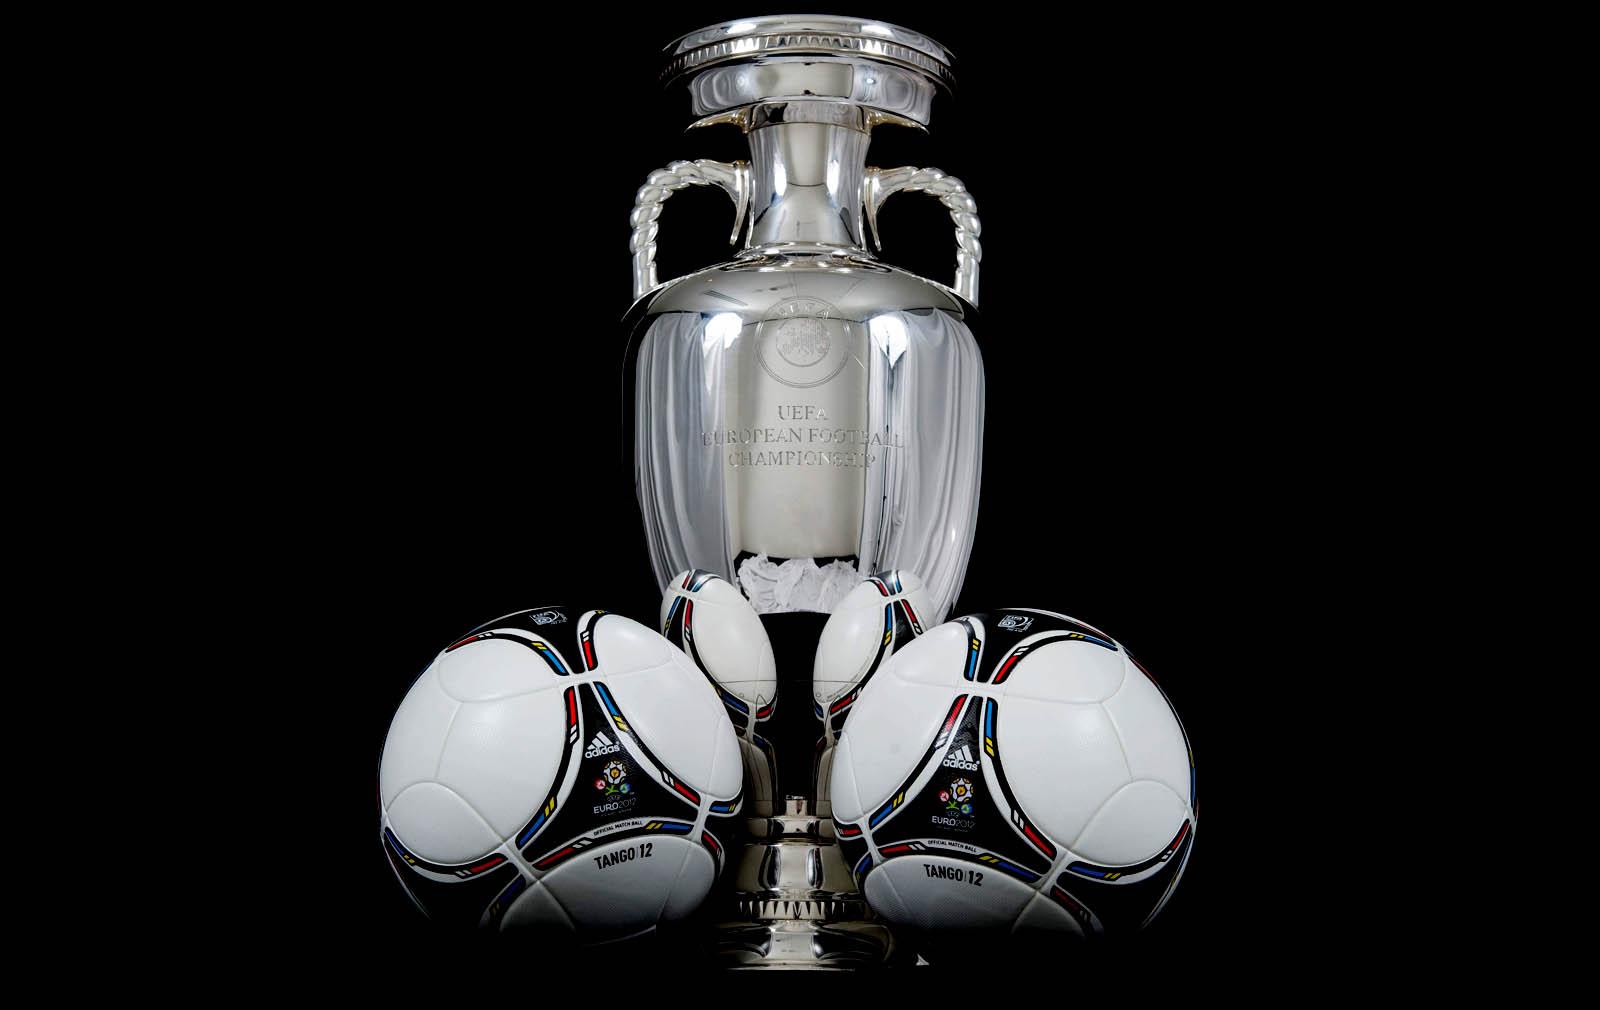 http://4.bp.blogspot.com/-WP-FlZzY5Aw/T50h2vo1QQI/AAAAAAAABdI/xHevBiPqKO8/s1600/Uefa_Euro_2012_Cup_and_Official_Tango_Matchballs_HD_Wallpaper-Vvallpaper.Net.jpg